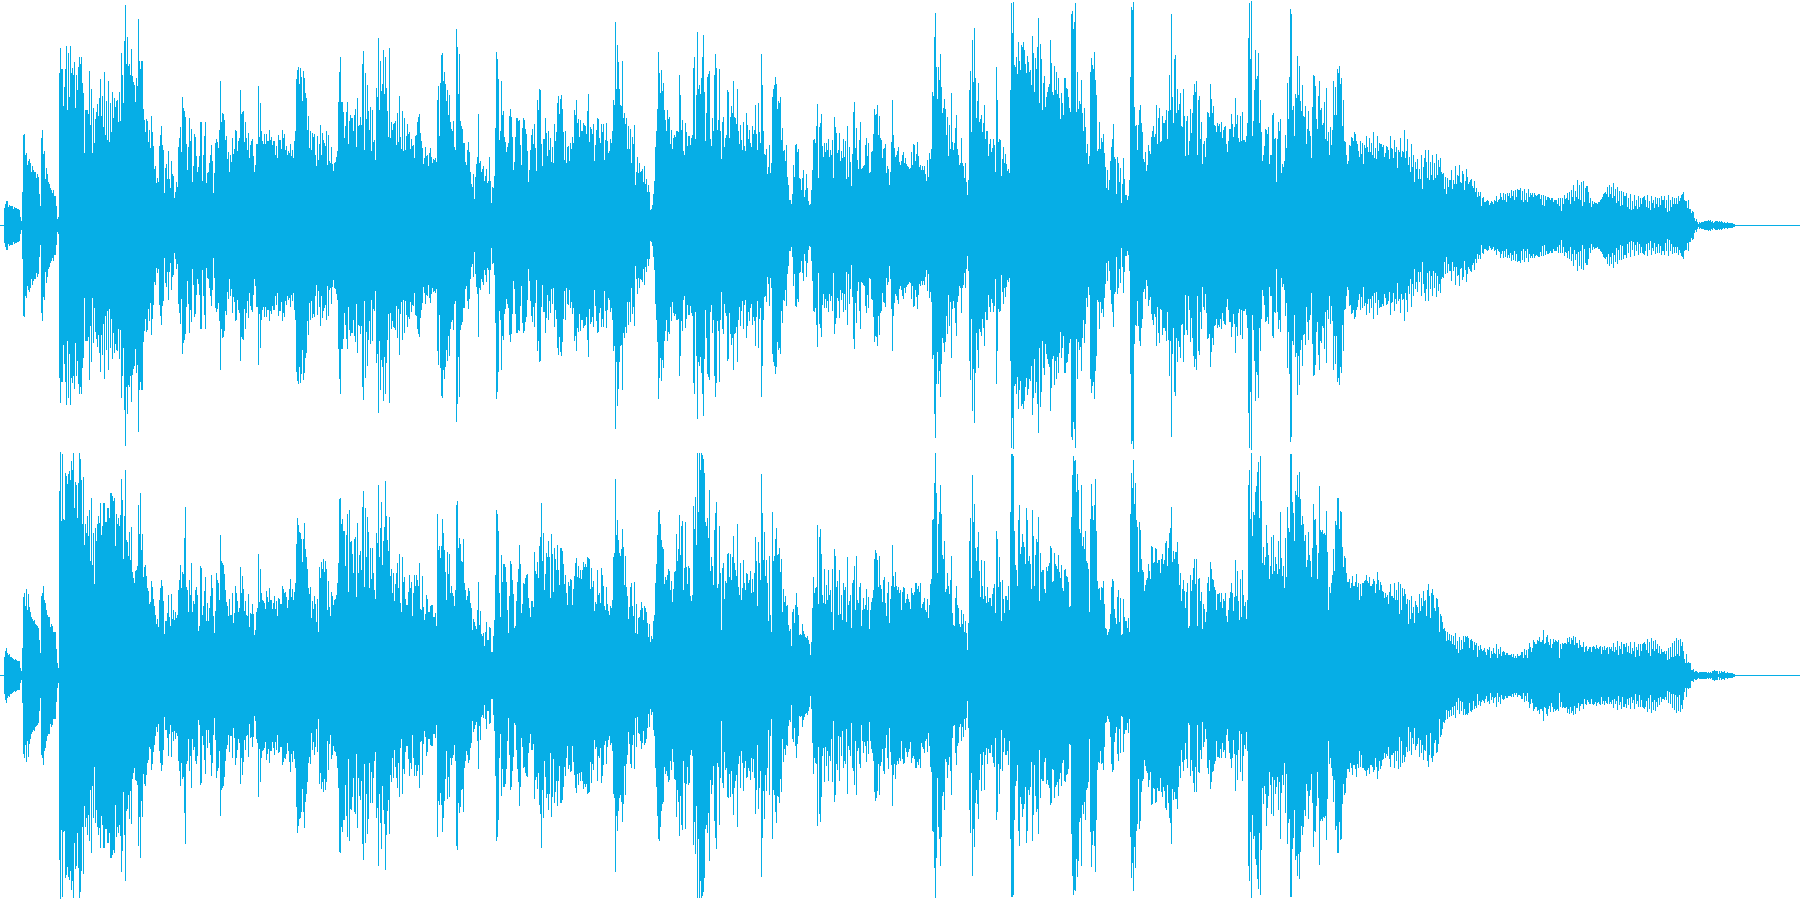 まもなく終わりを告げるBGMの再生済みの波形